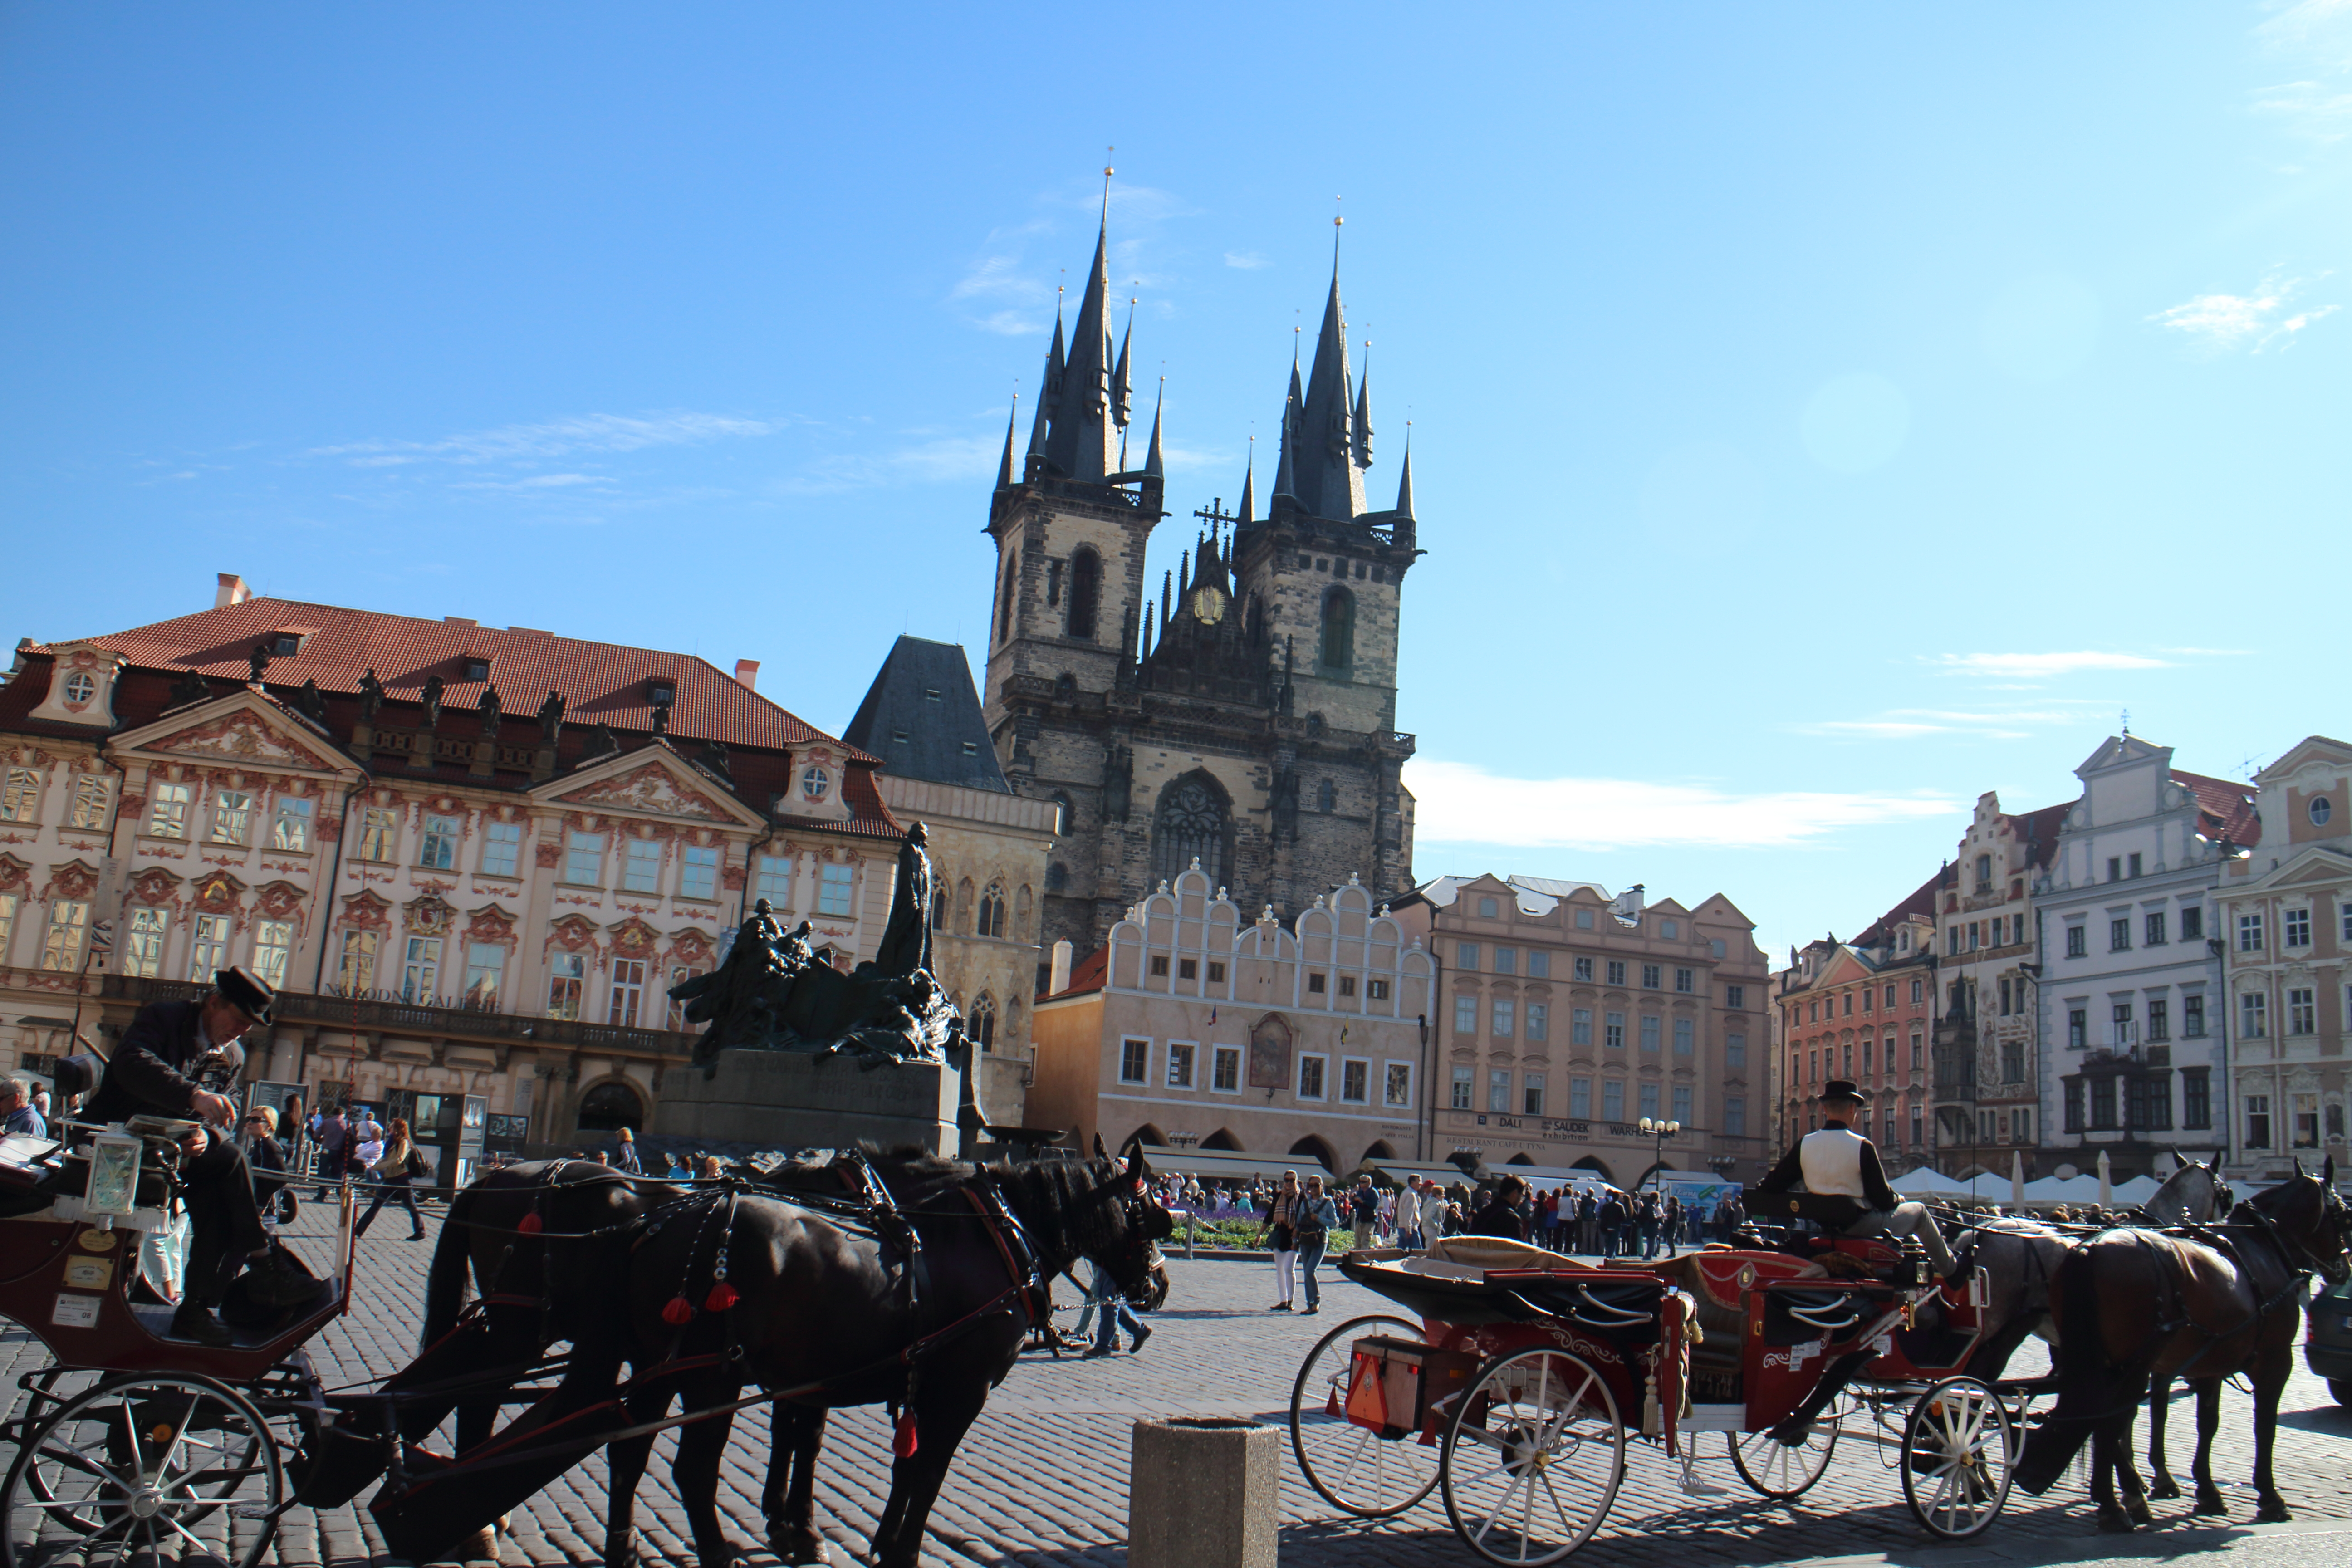 1泊2日弾丸プラハ旅☆まずは旧市街広場へ向かったよ